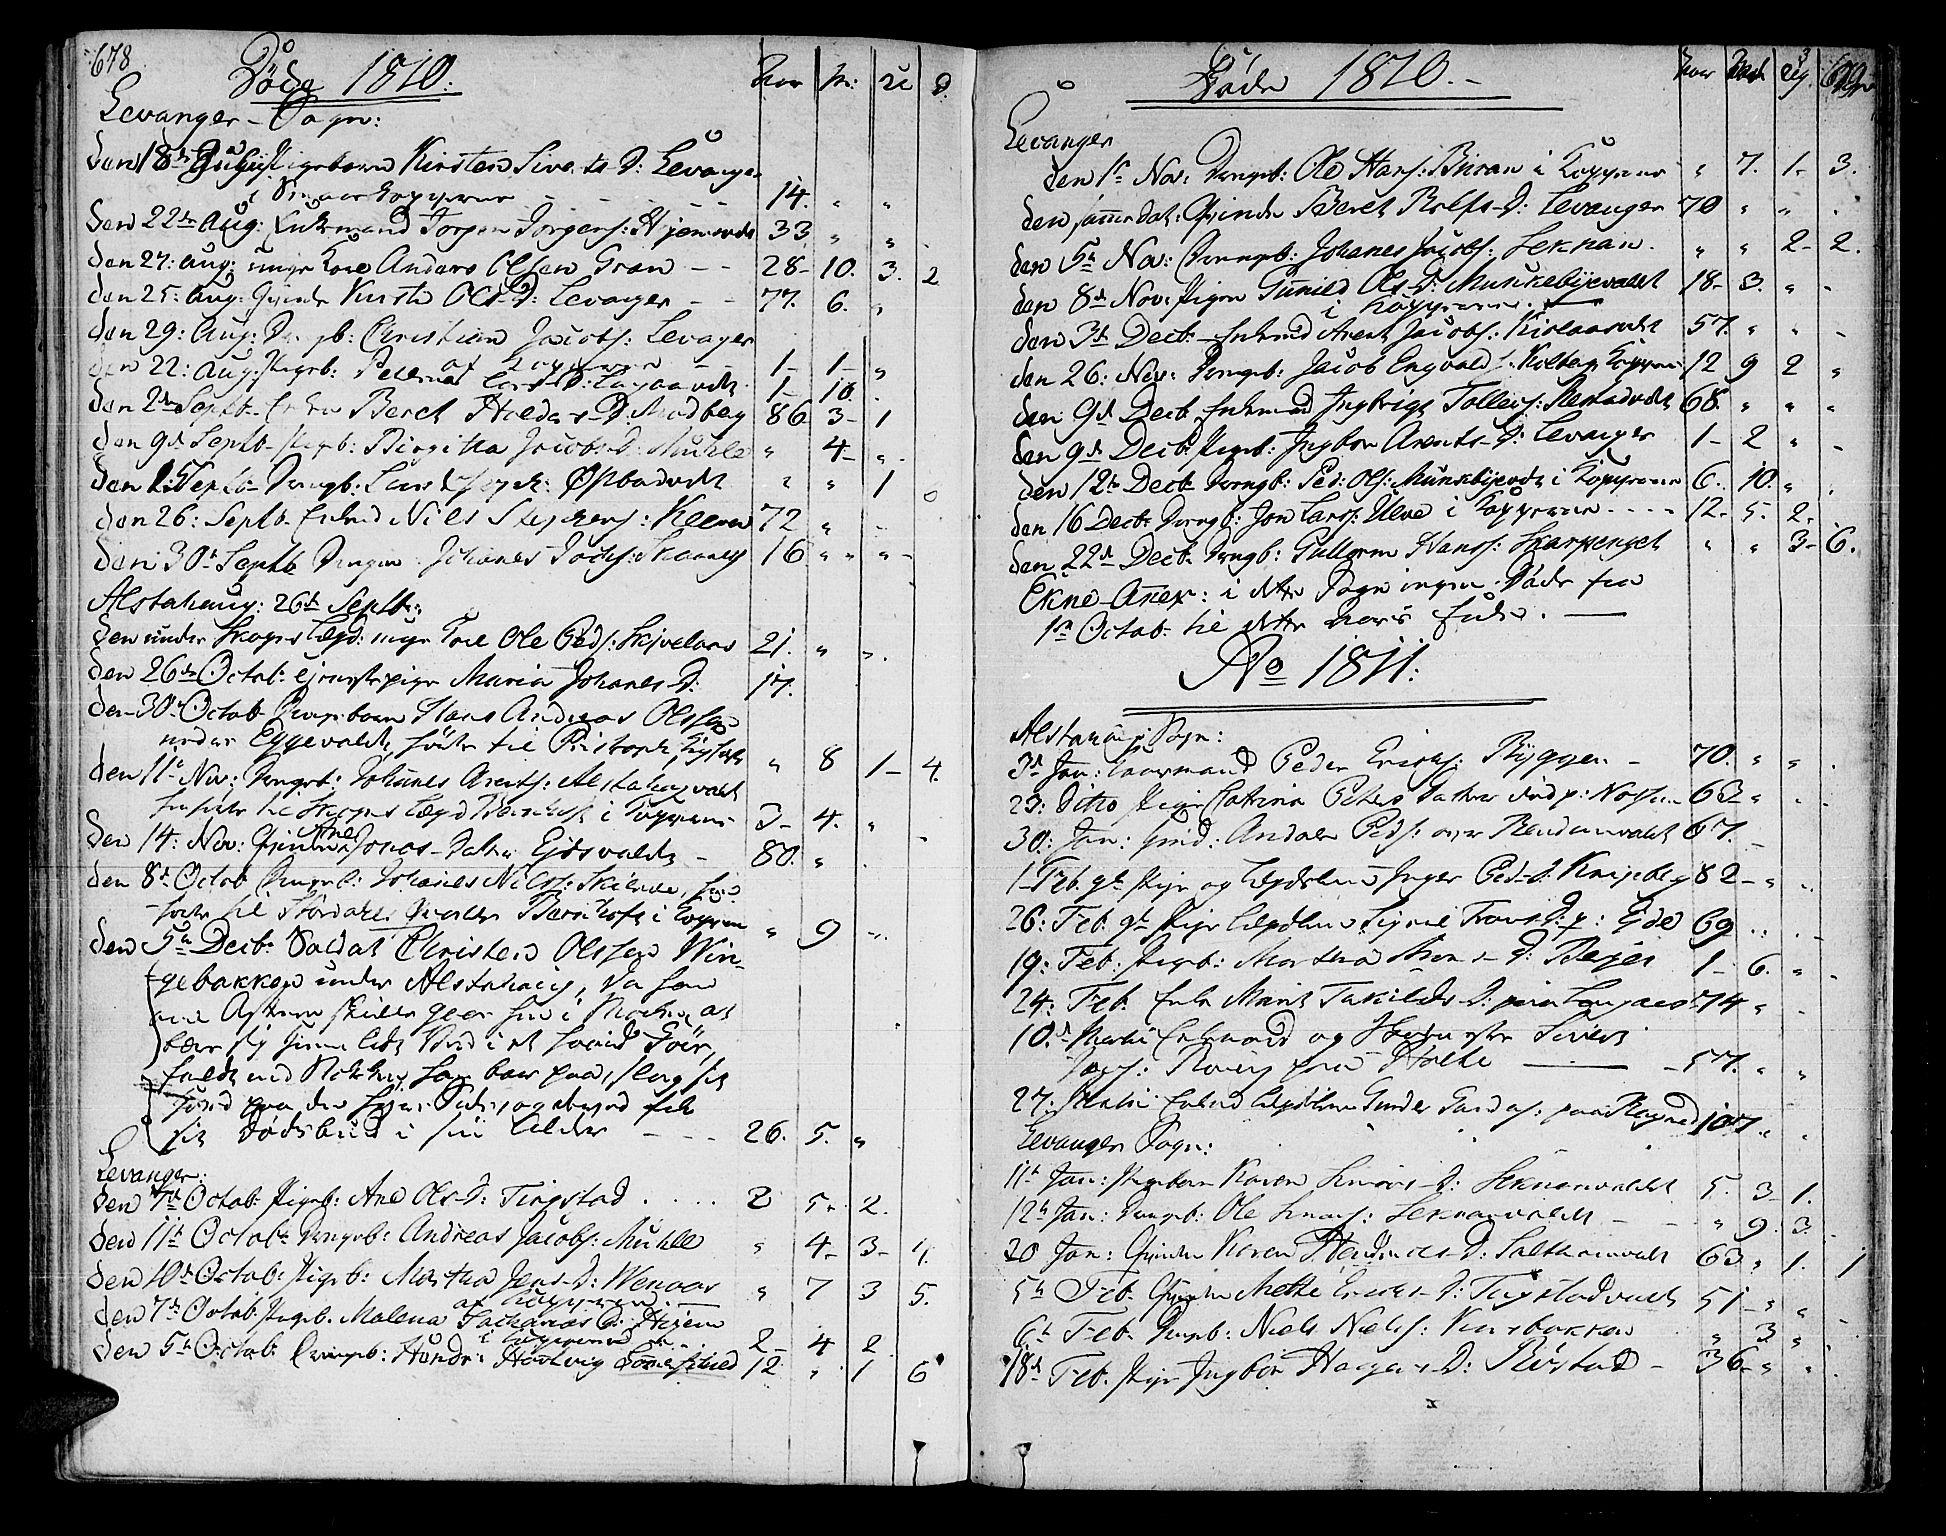 SAT, Ministerialprotokoller, klokkerbøker og fødselsregistre - Nord-Trøndelag, 717/L0145: Ministerialbok nr. 717A03 /1, 1810-1815, s. 678-679